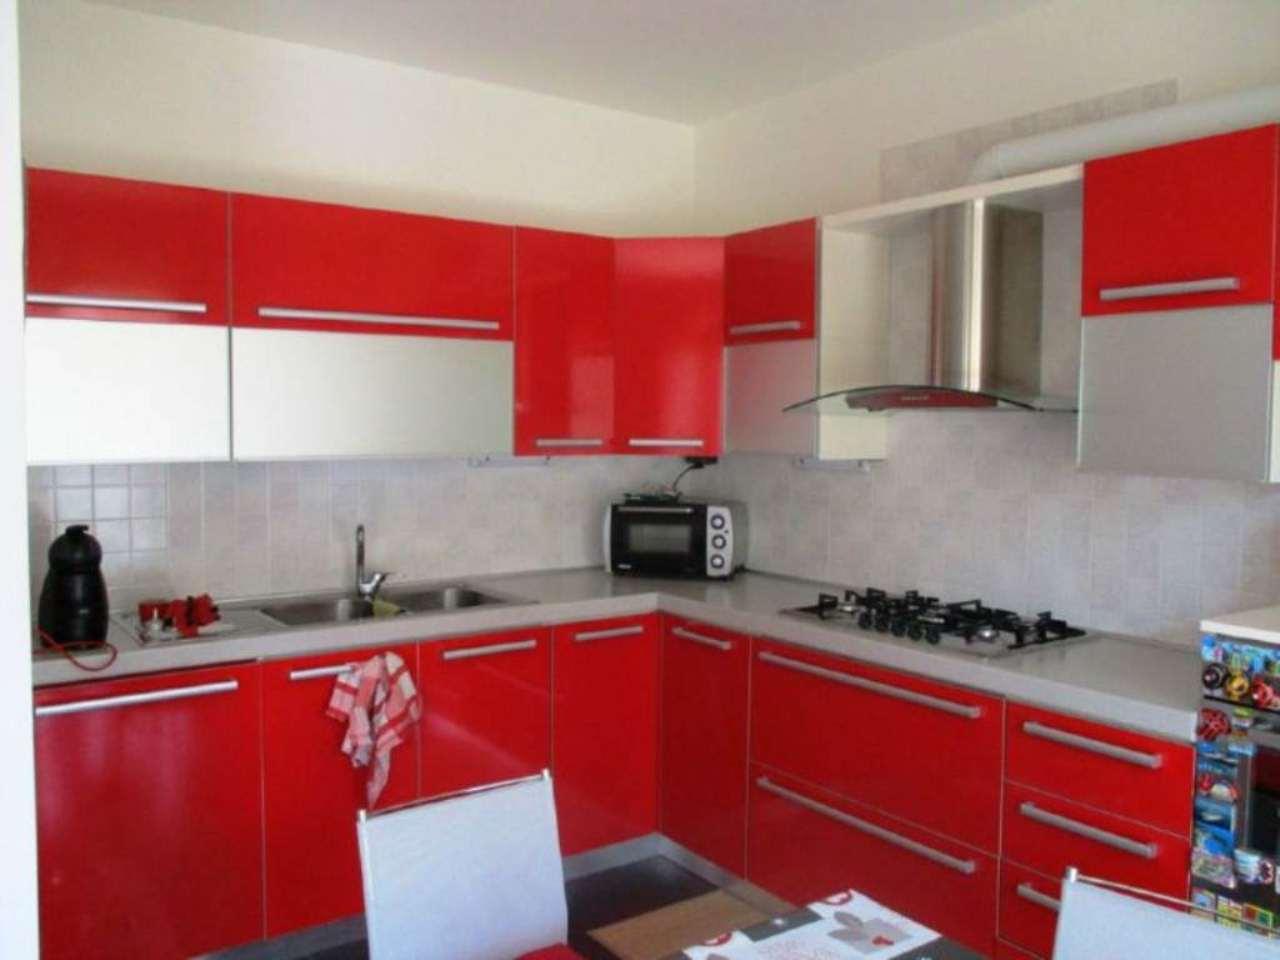 Appartamento in vendita a Cortenuova, 3 locali, prezzo € 128.000 | CambioCasa.it